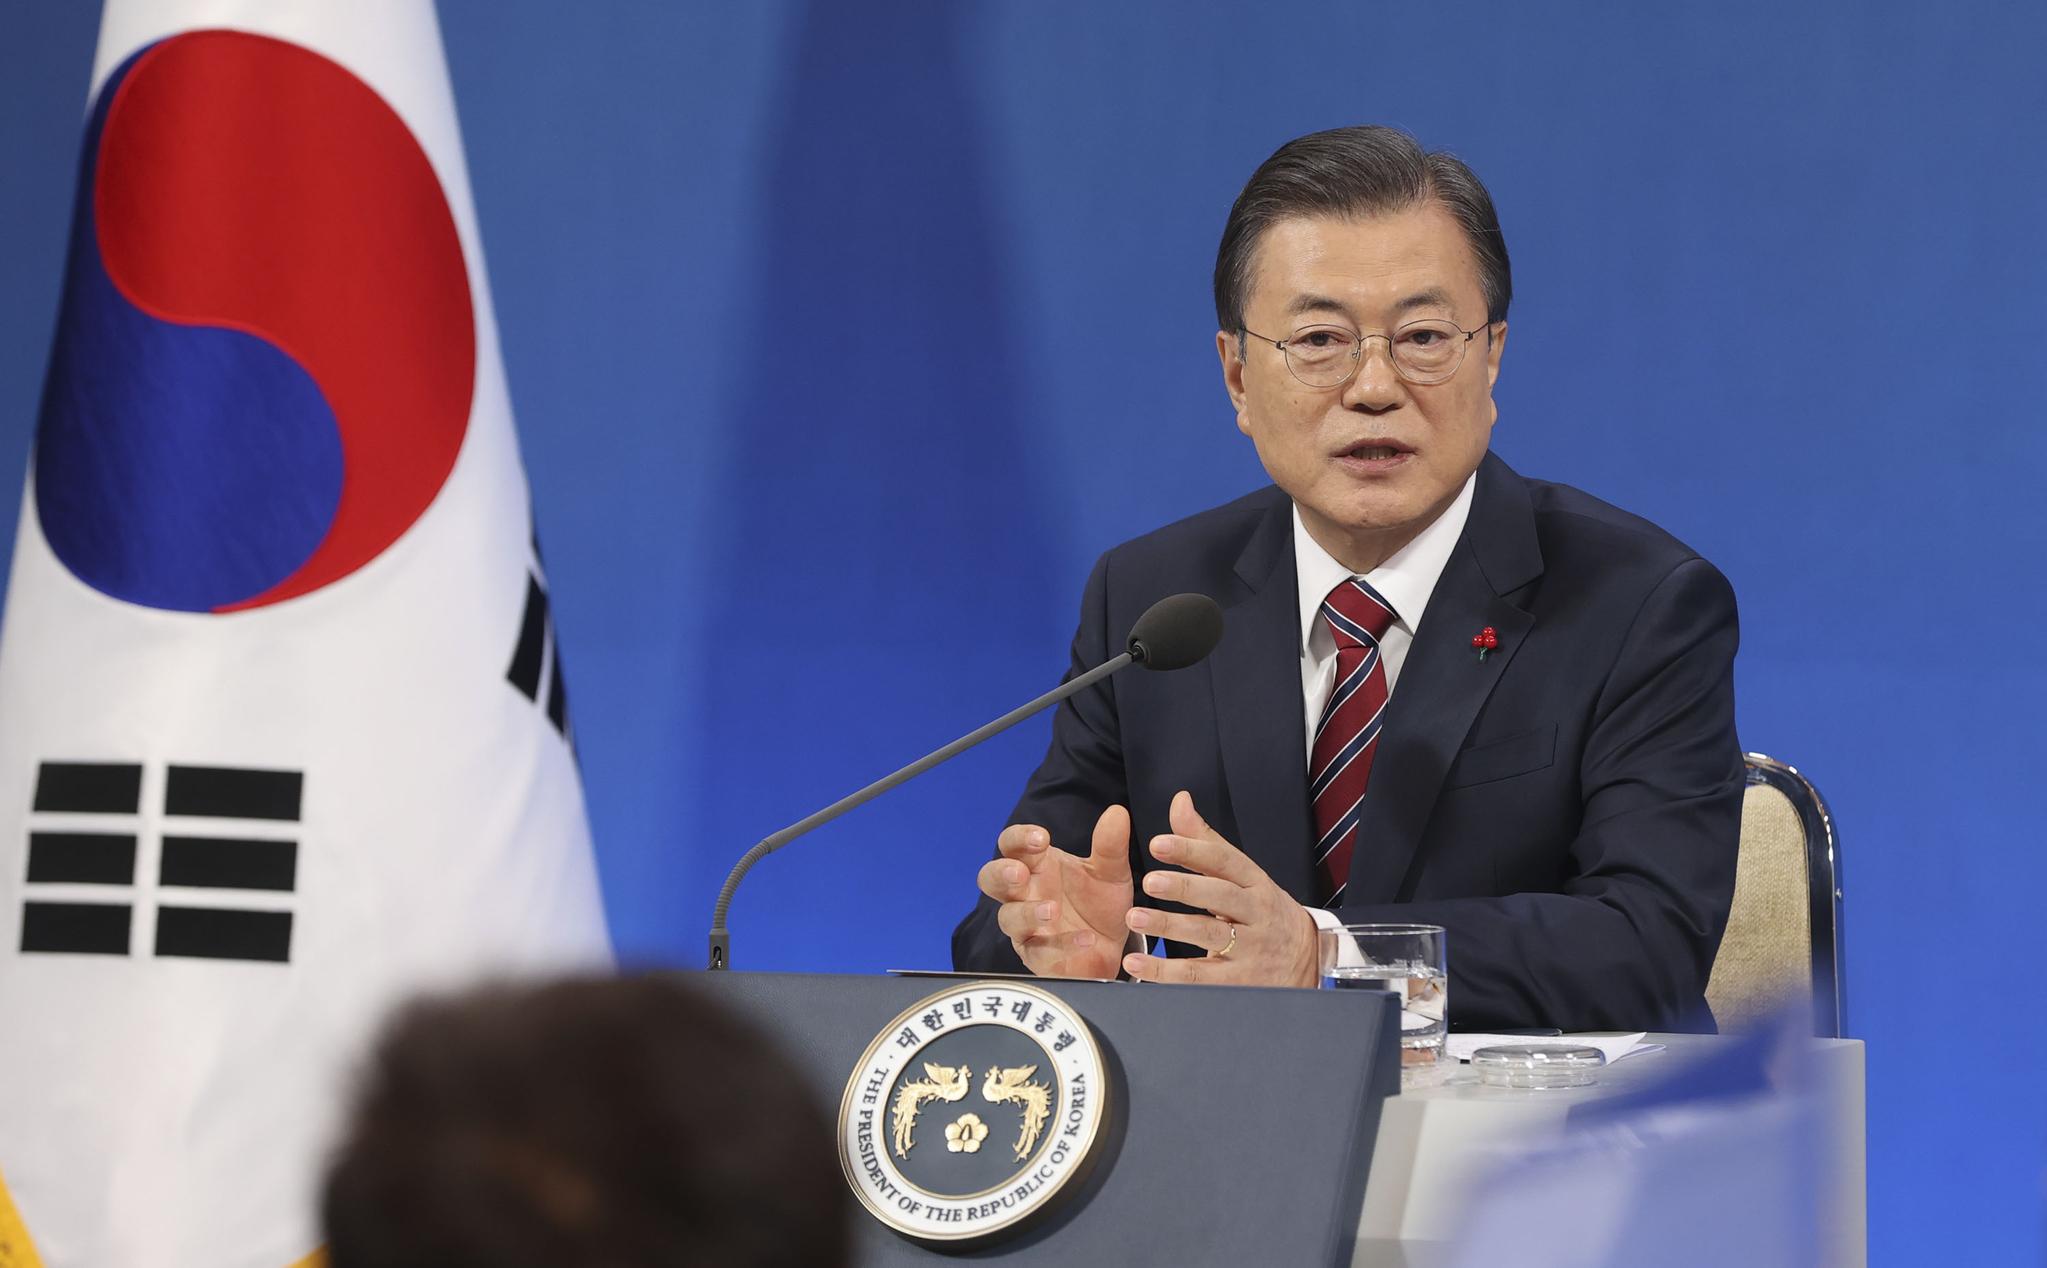 문재인 대통령이 18일 청와대 춘추관에서 열린 신년 기자회견에서 기자의 질문에 답하고 있다. 청와대사진기자단